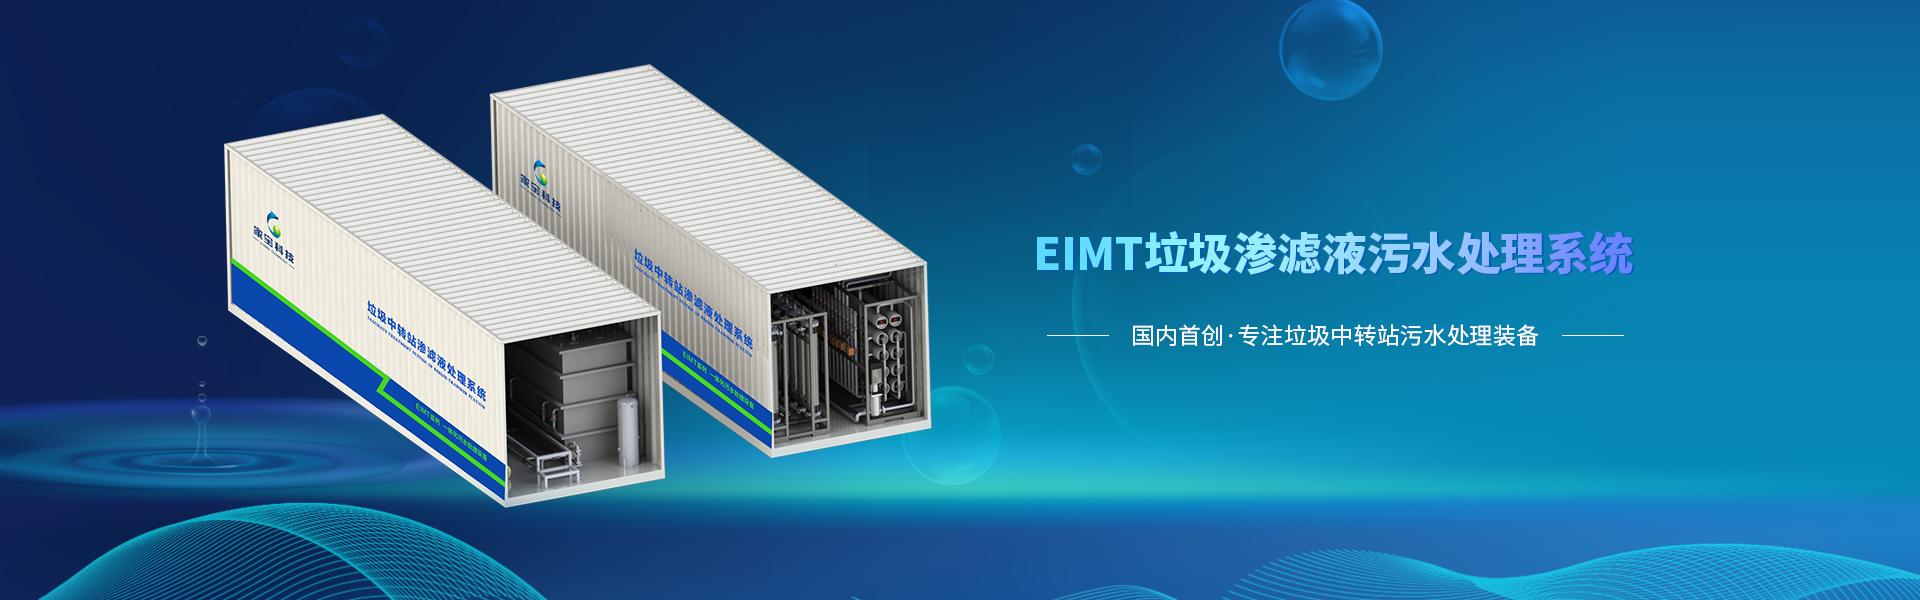 家宝垃圾渗滤液处理EIMT专利工艺